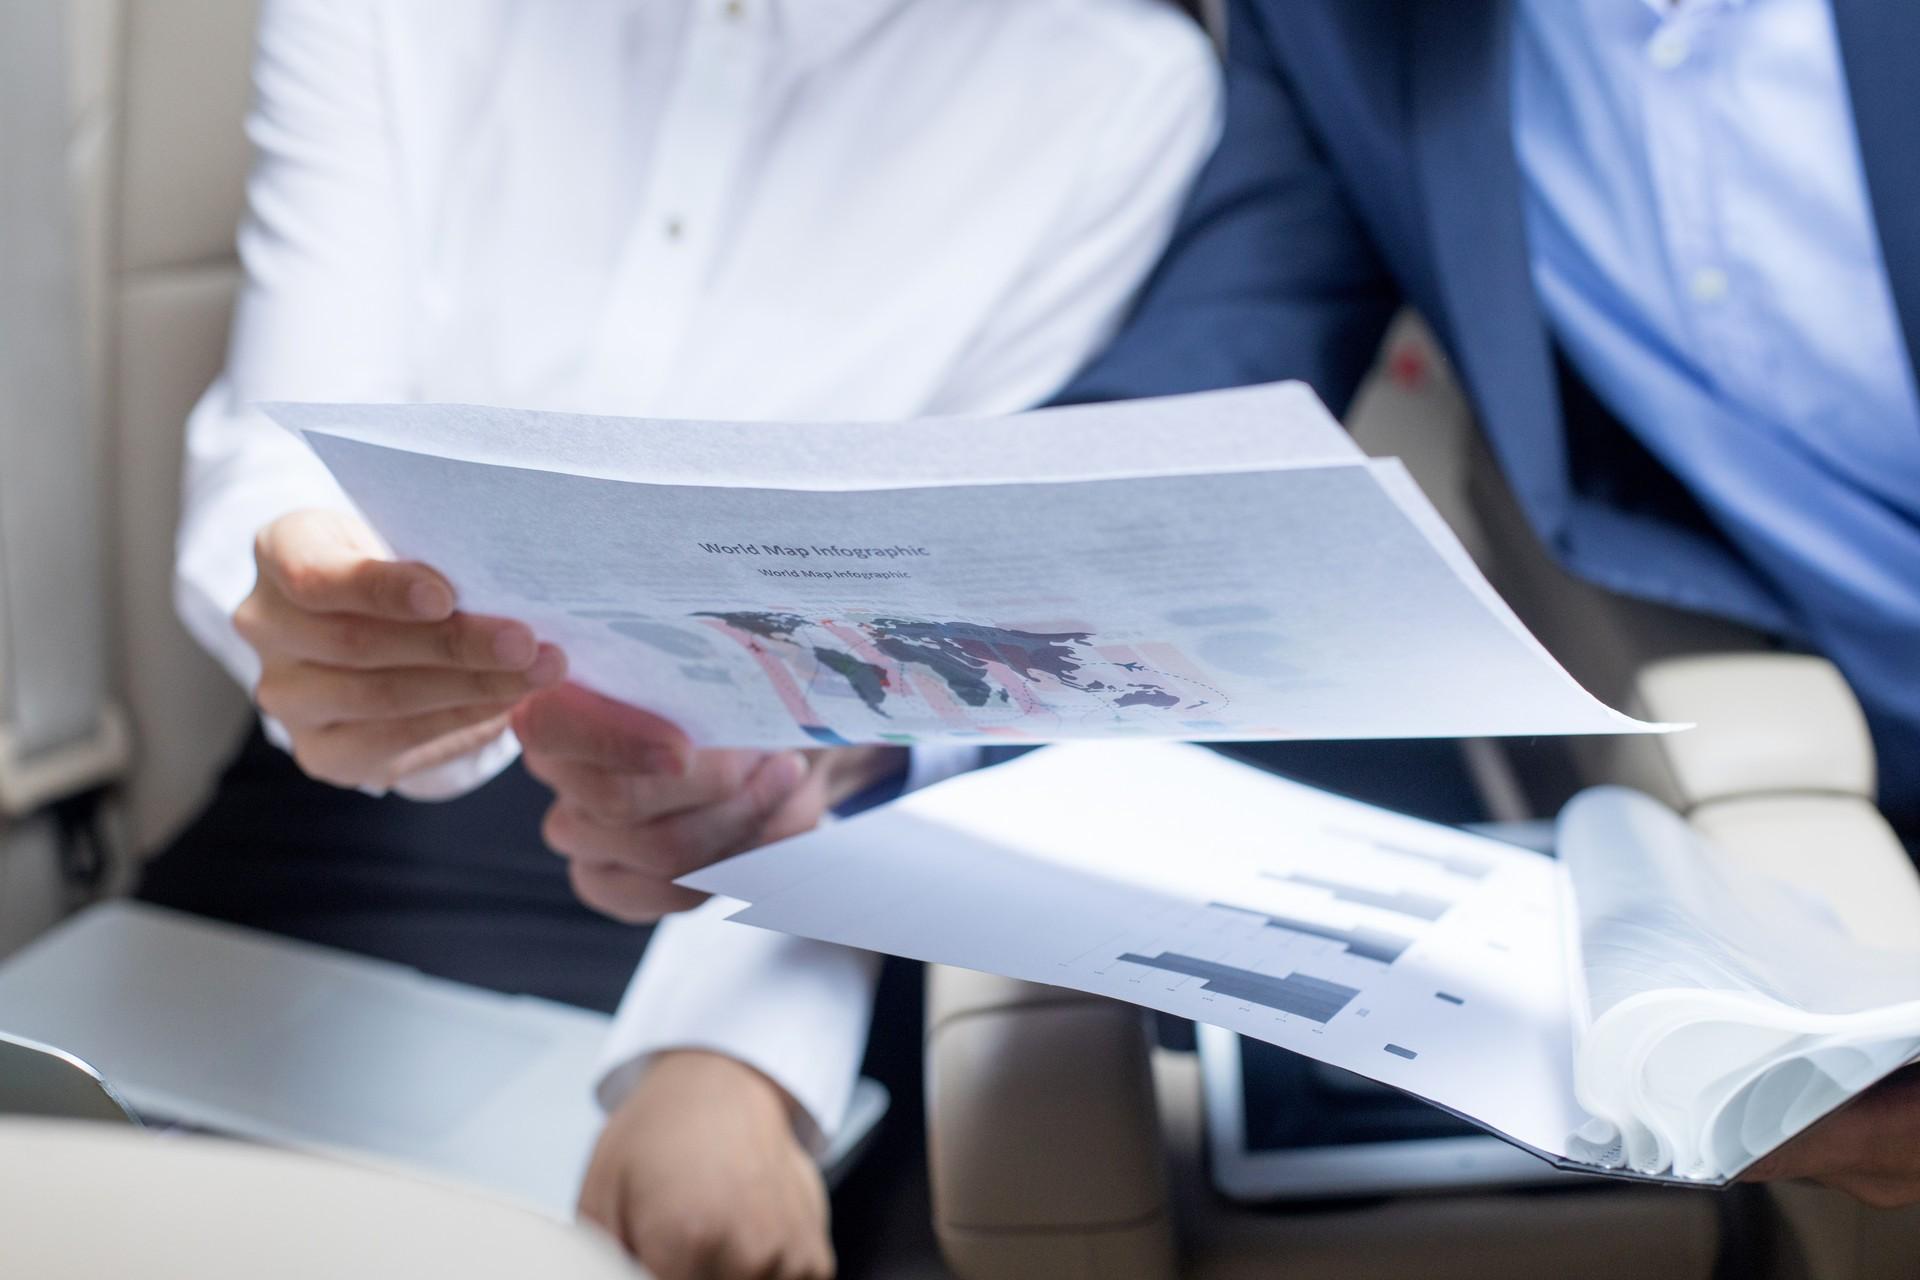 注册深圳公司办理所需资料和条件